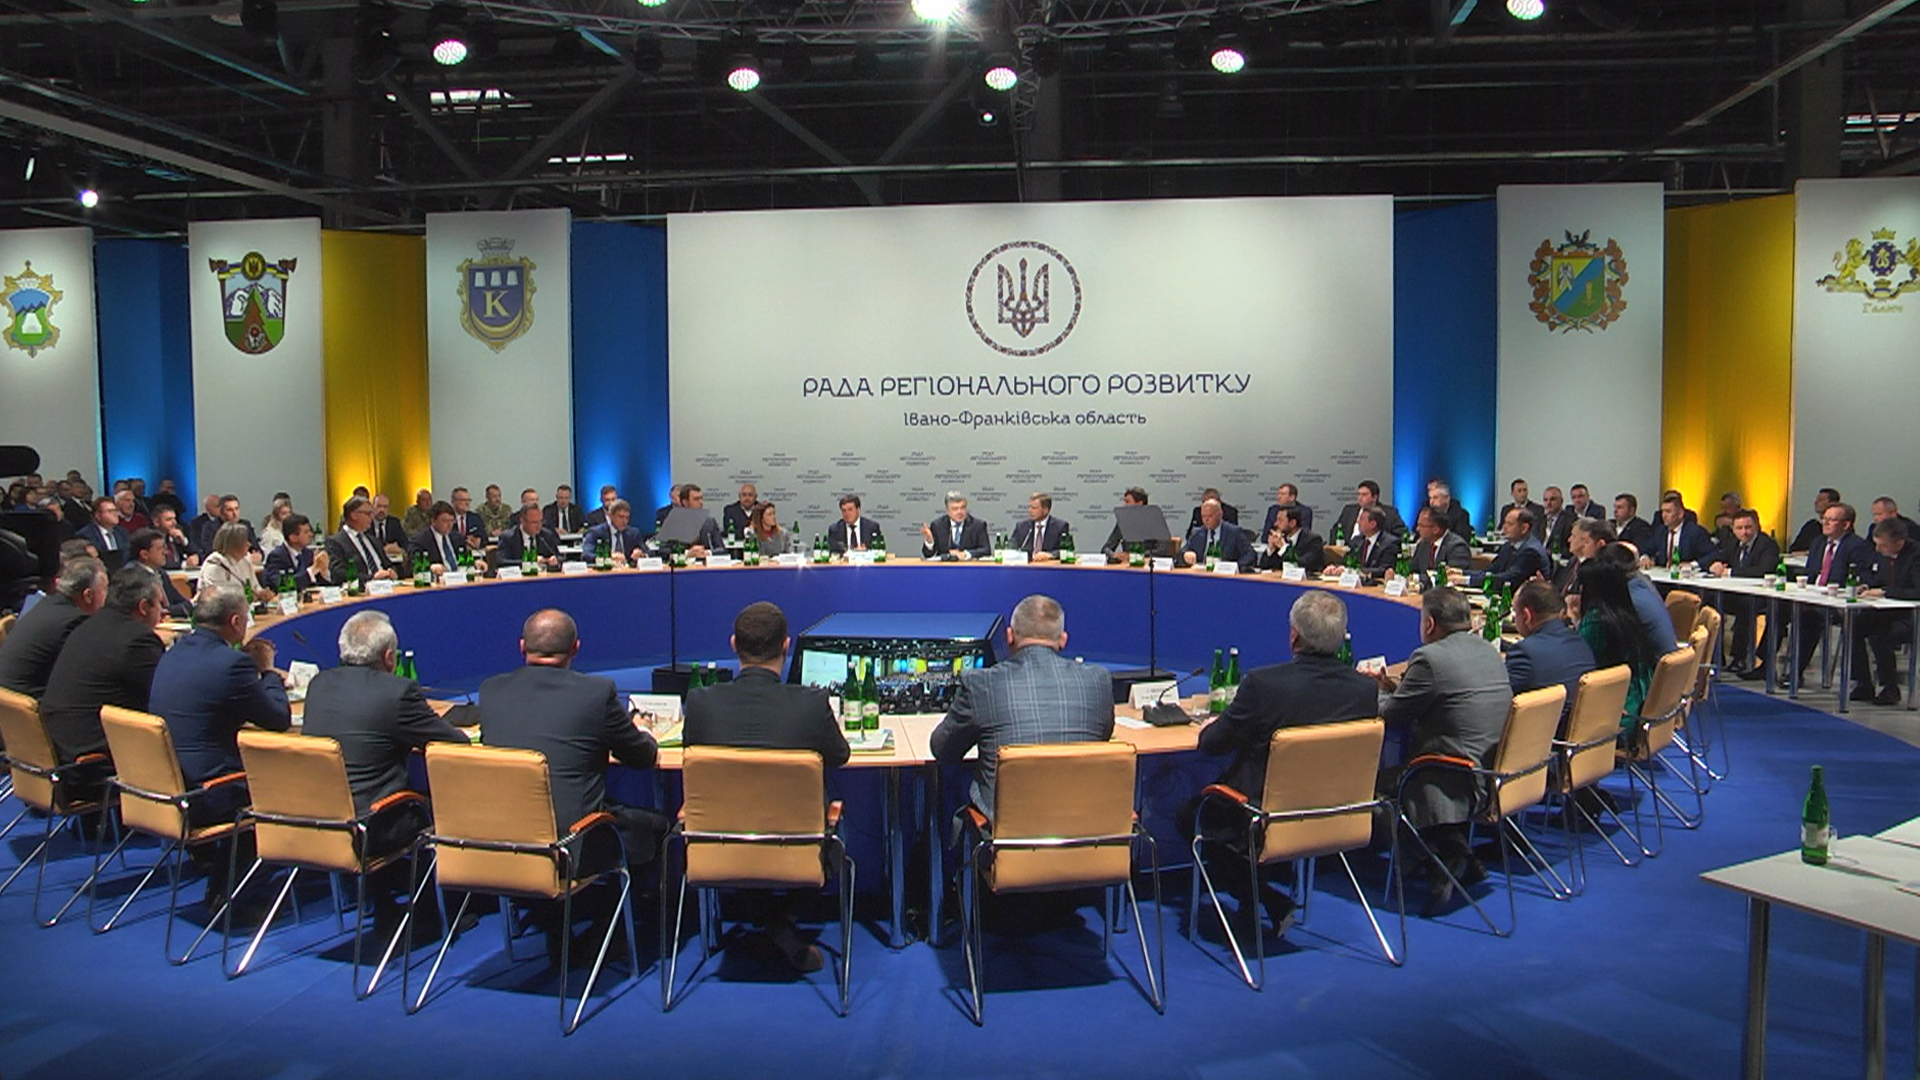 У Коломиї формували майбутній план розвитку Івано-Франківщини (відеосюжет)